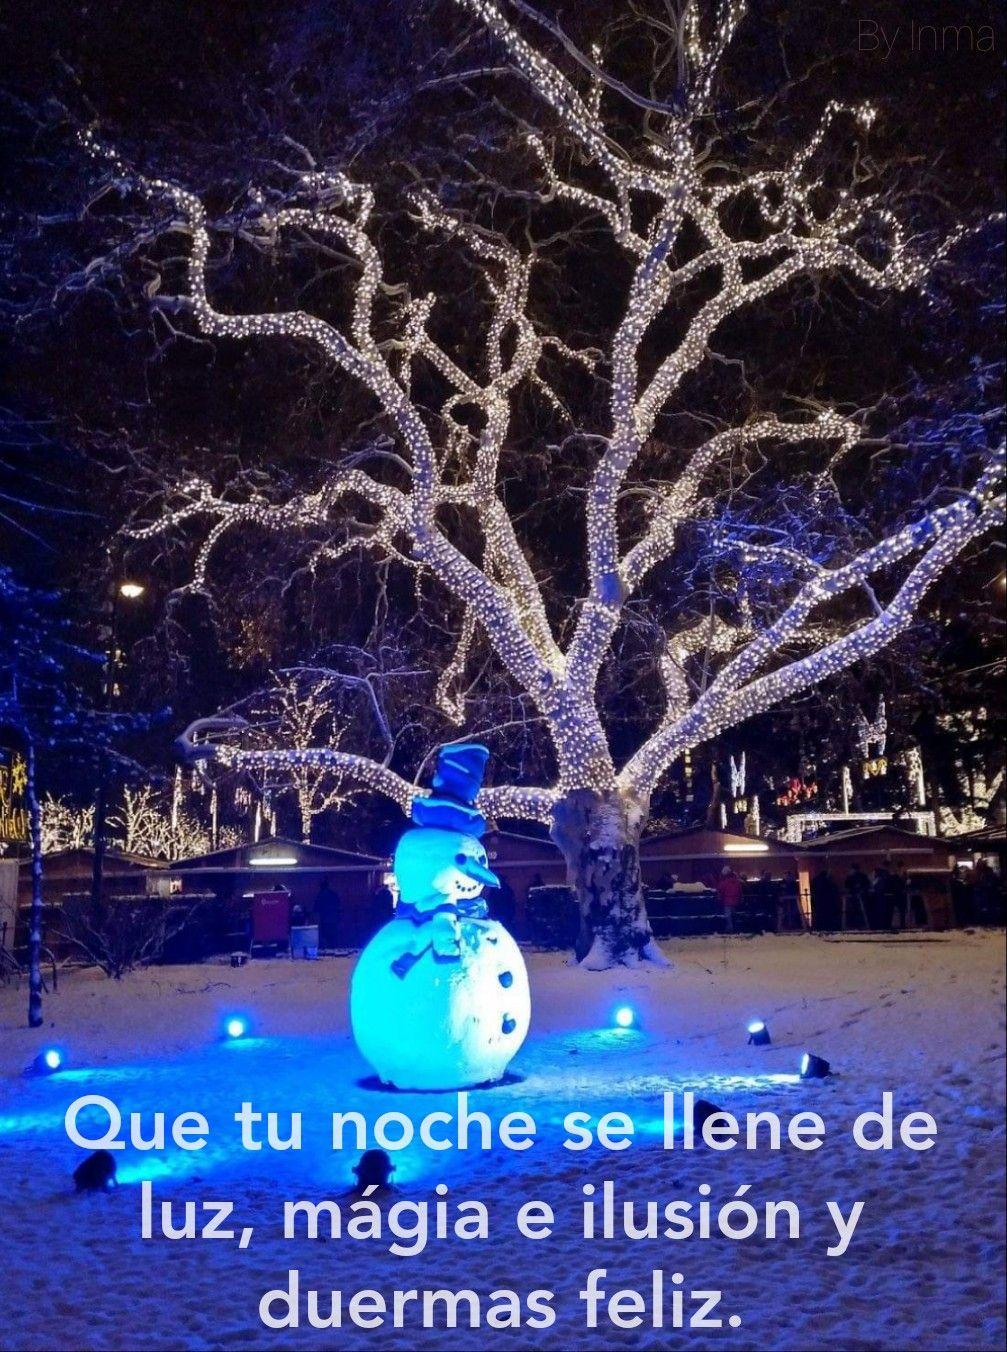 Pin De Maria Angelica Maturana En Buenas Noches Mensajes De Buenas Noches Tarjetas De Buenas Noches Fotos Buenas Noches